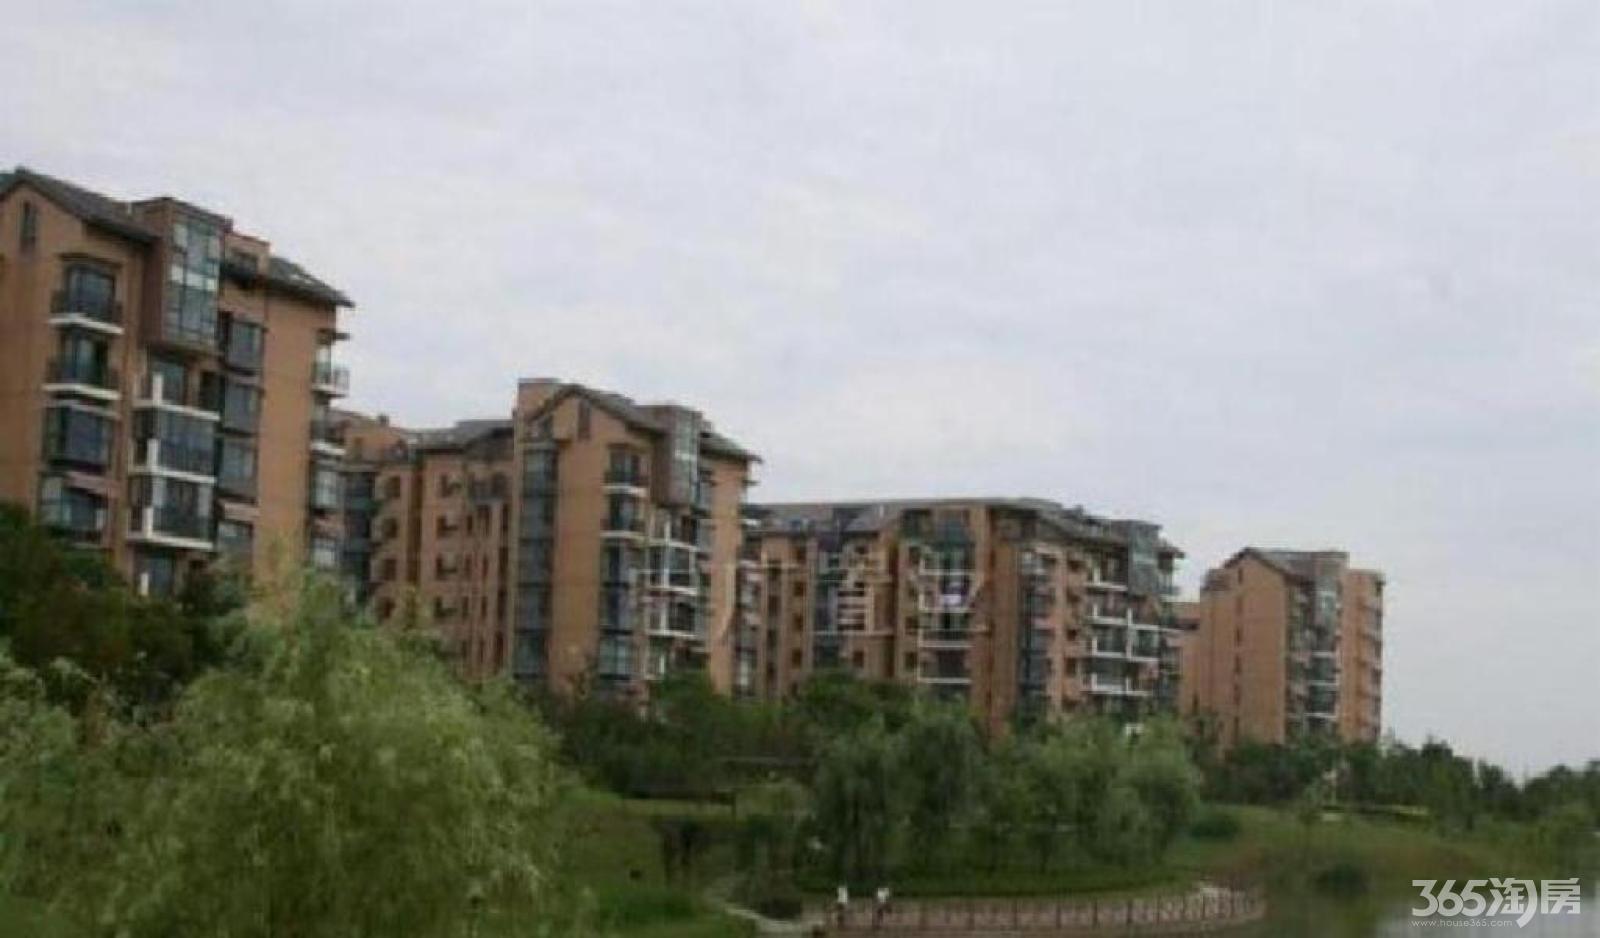 江宁区龙湖大学城东方江宁湾120.00简装4室2厅别墅中坤图片